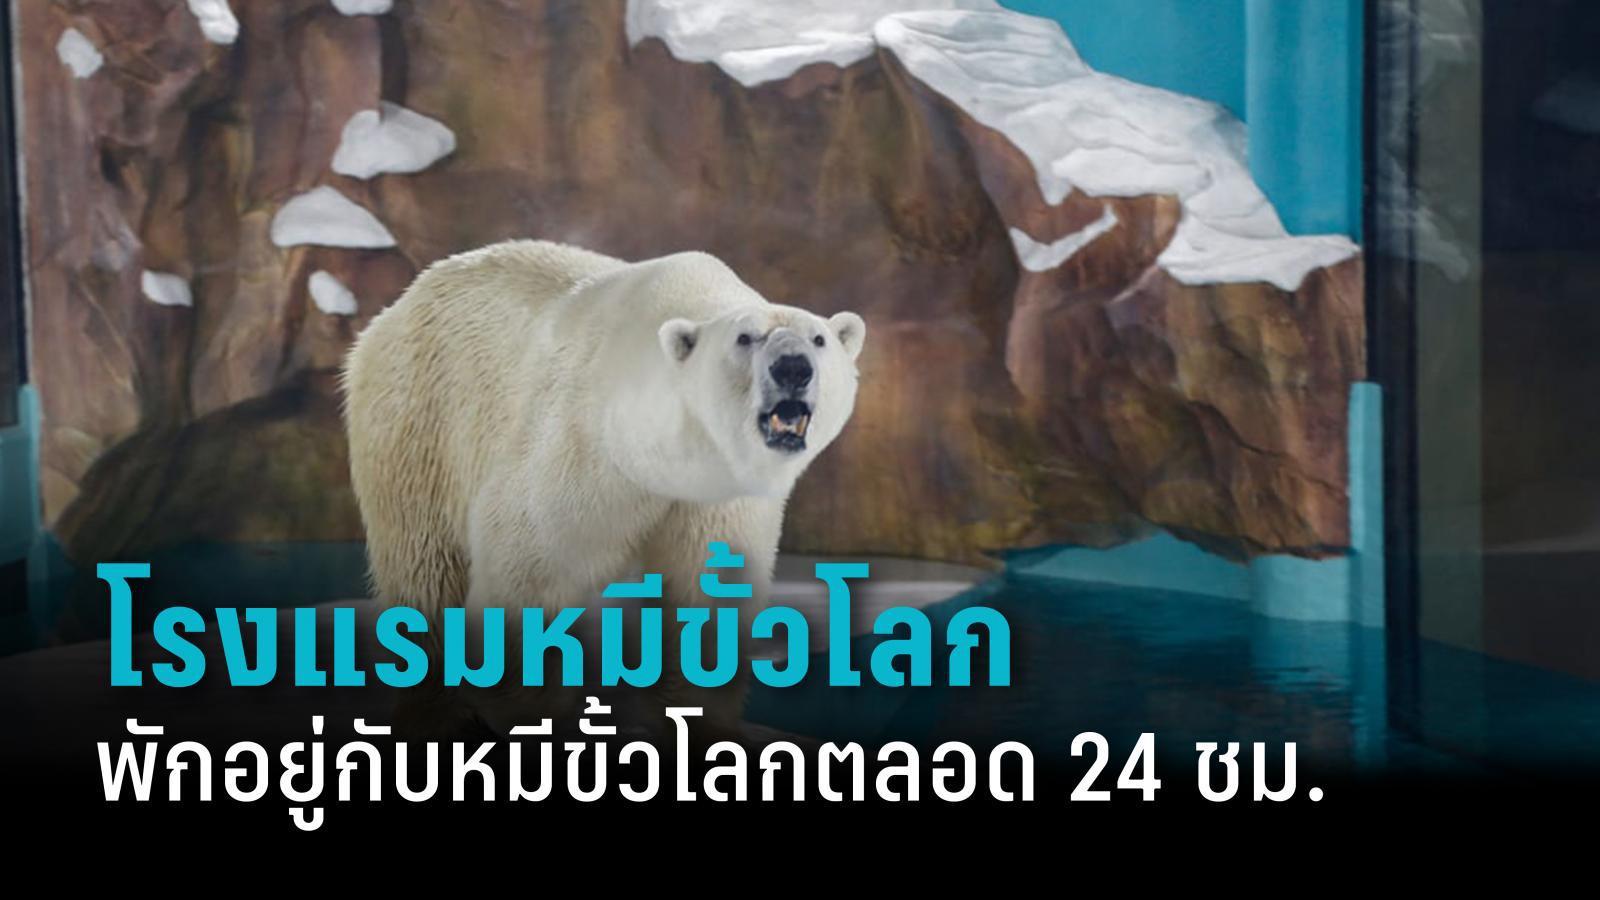 ทัวร์ลงโรงแรมจีน นำหมีขั้วโลกเป็น ๆ โชว์กลางโรงแรม 24 ชั่วโมง